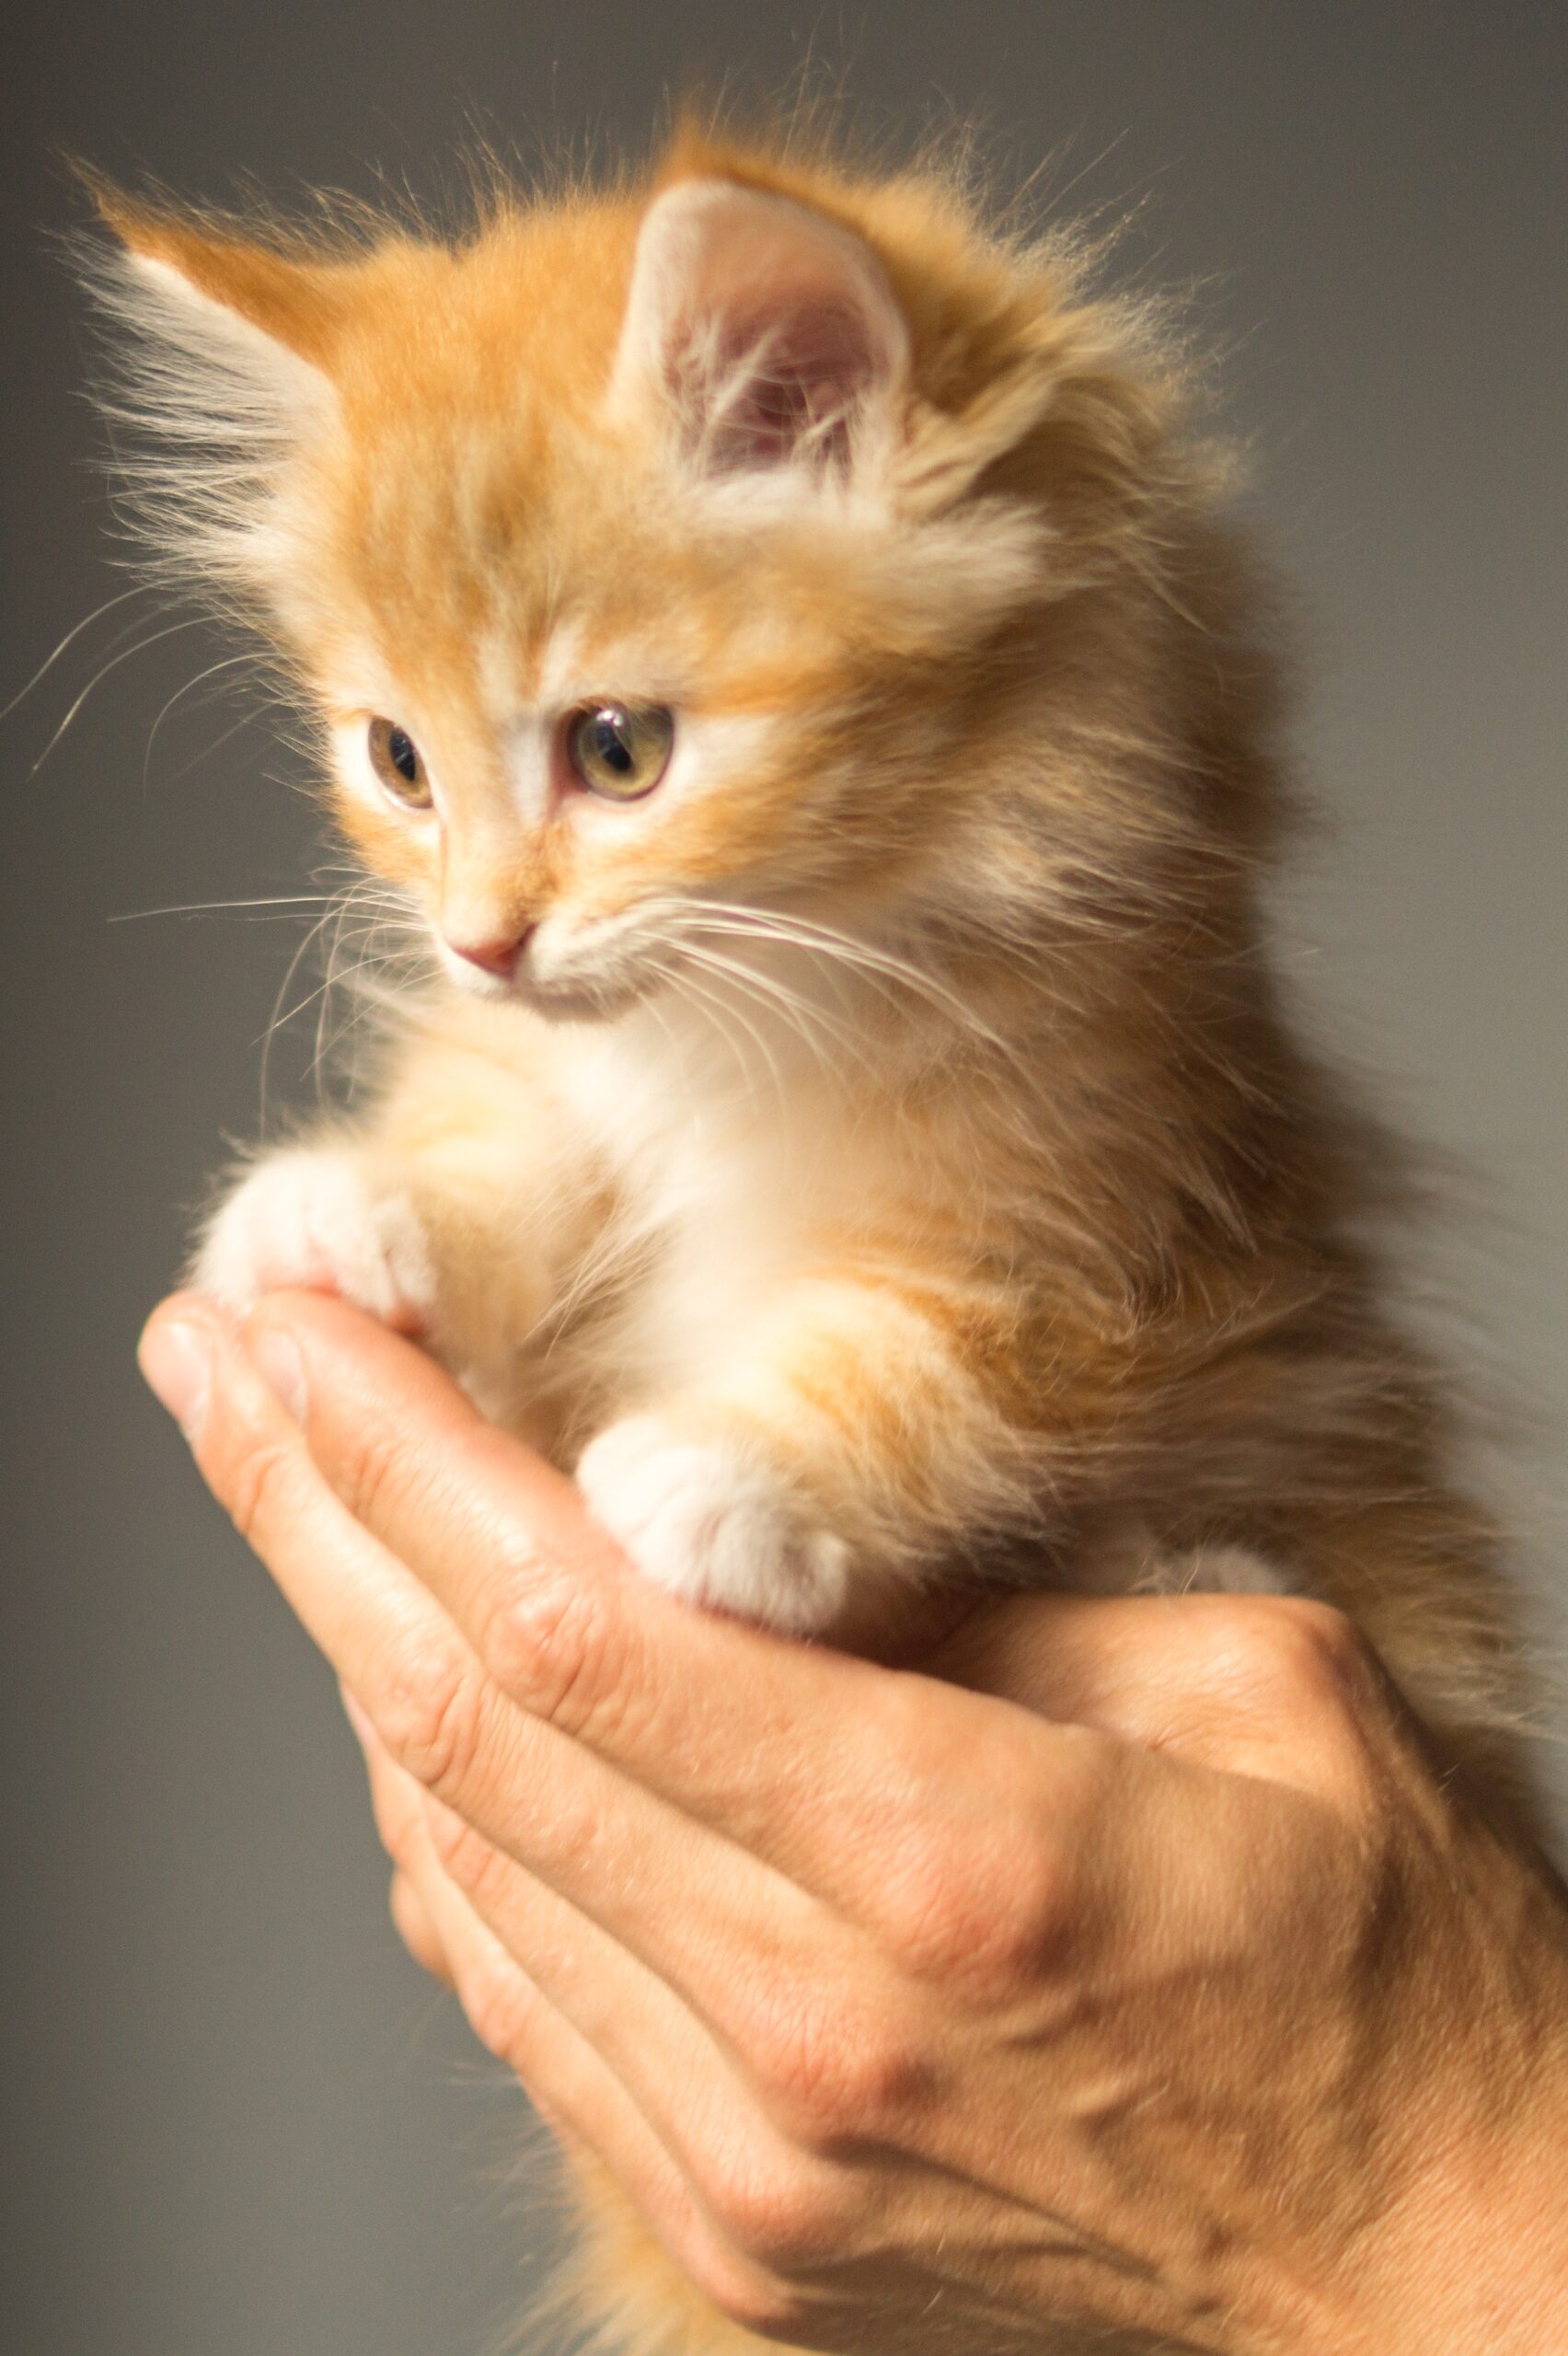 Cosas que debe saber sobre un gatito antes de comprarlo